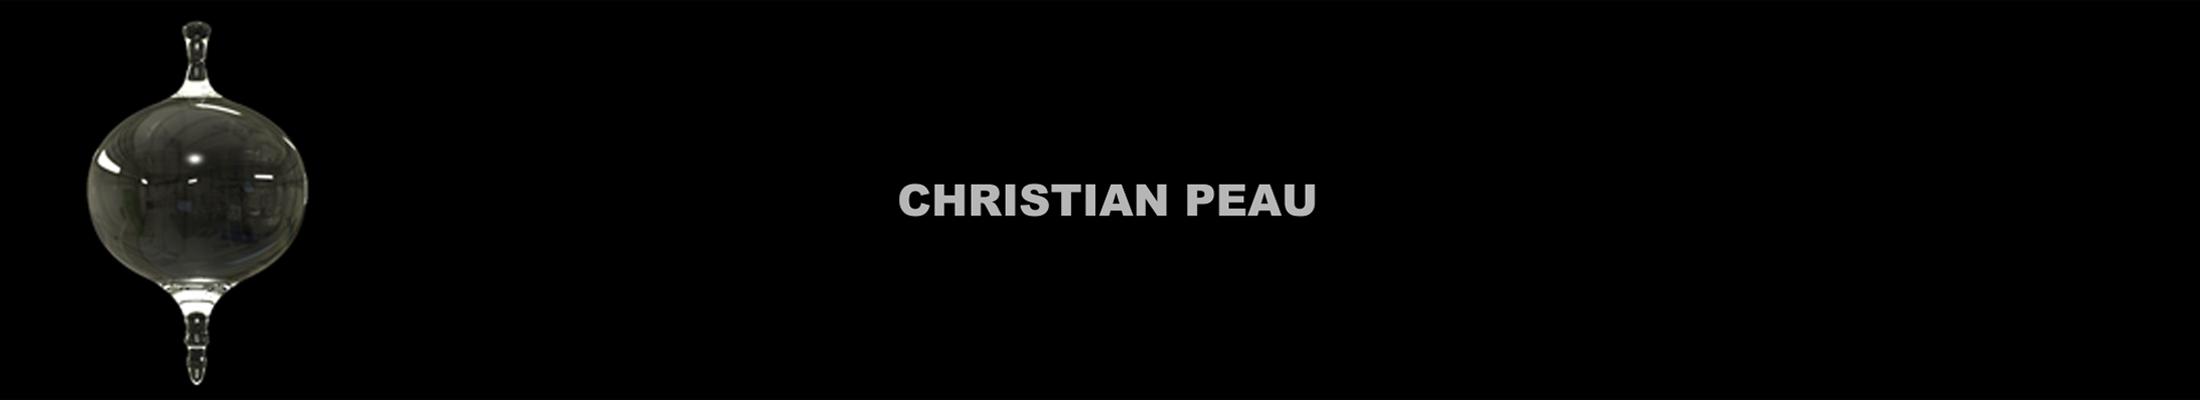 christian_peau